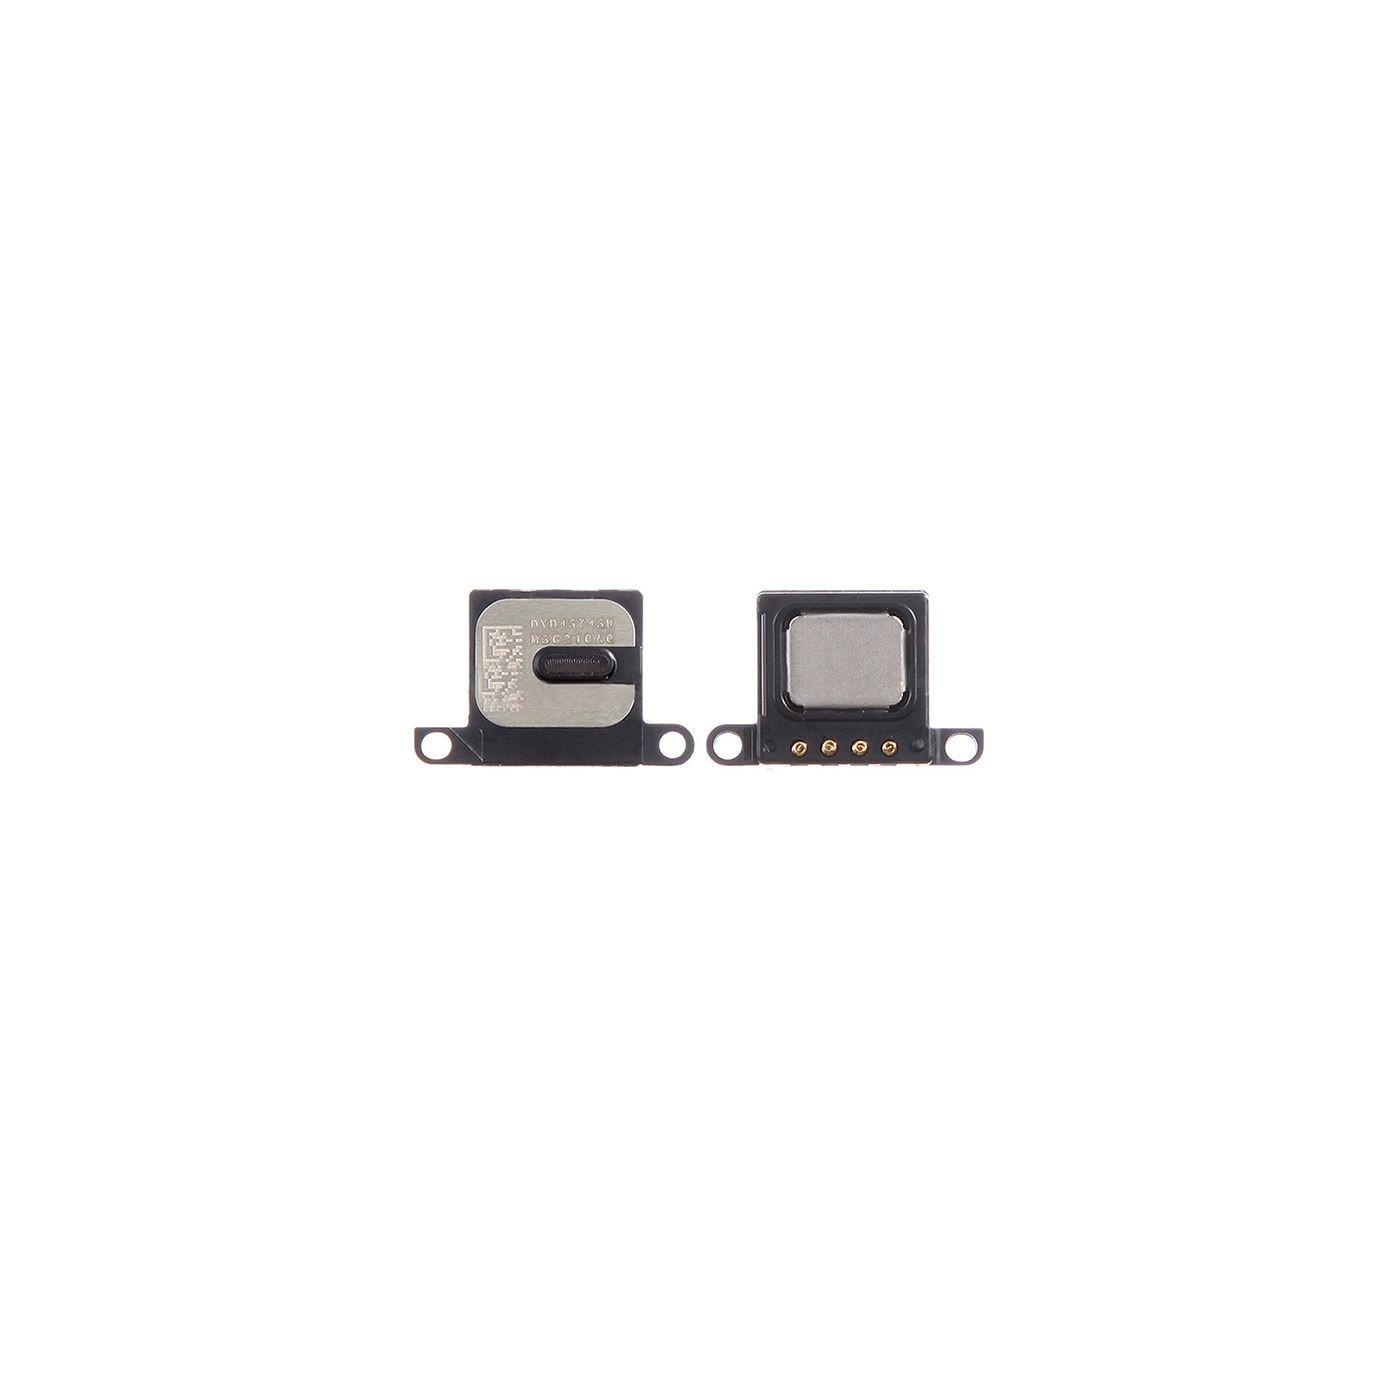 Ohrlautsprecher Top-Lautsprecher für Apple Iphone 6 plus Ersatz